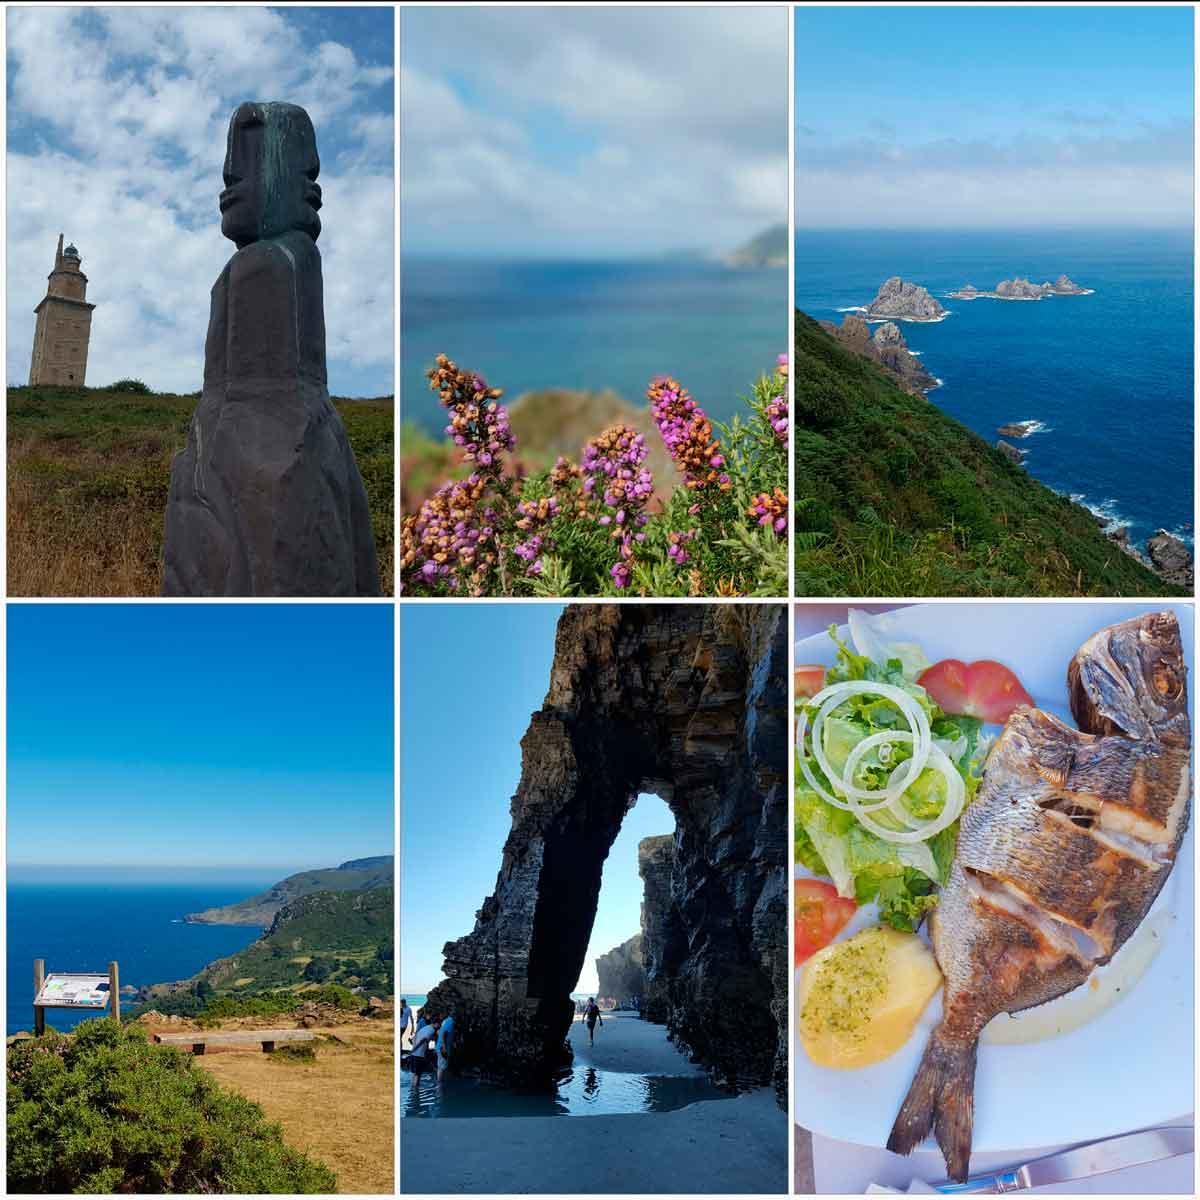 una semana de vacaciones en asturias y galicia por la costa